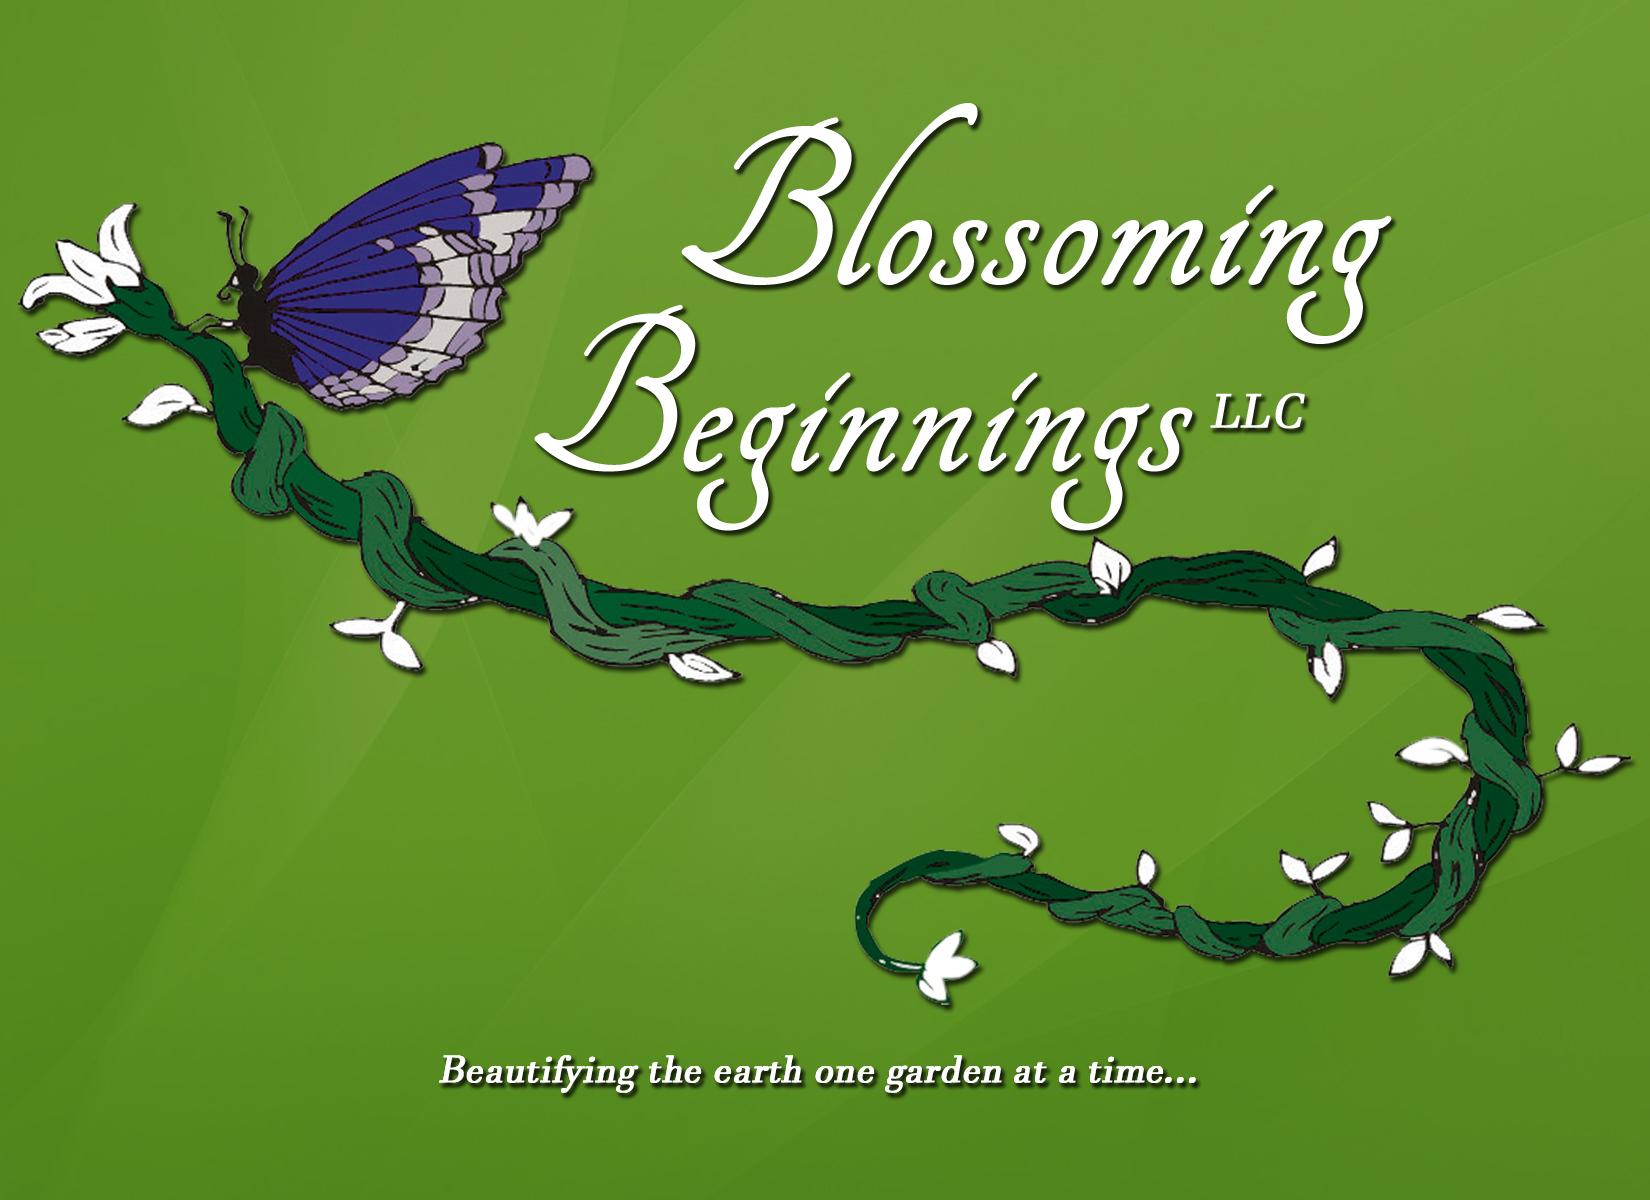 blossomingb_logo